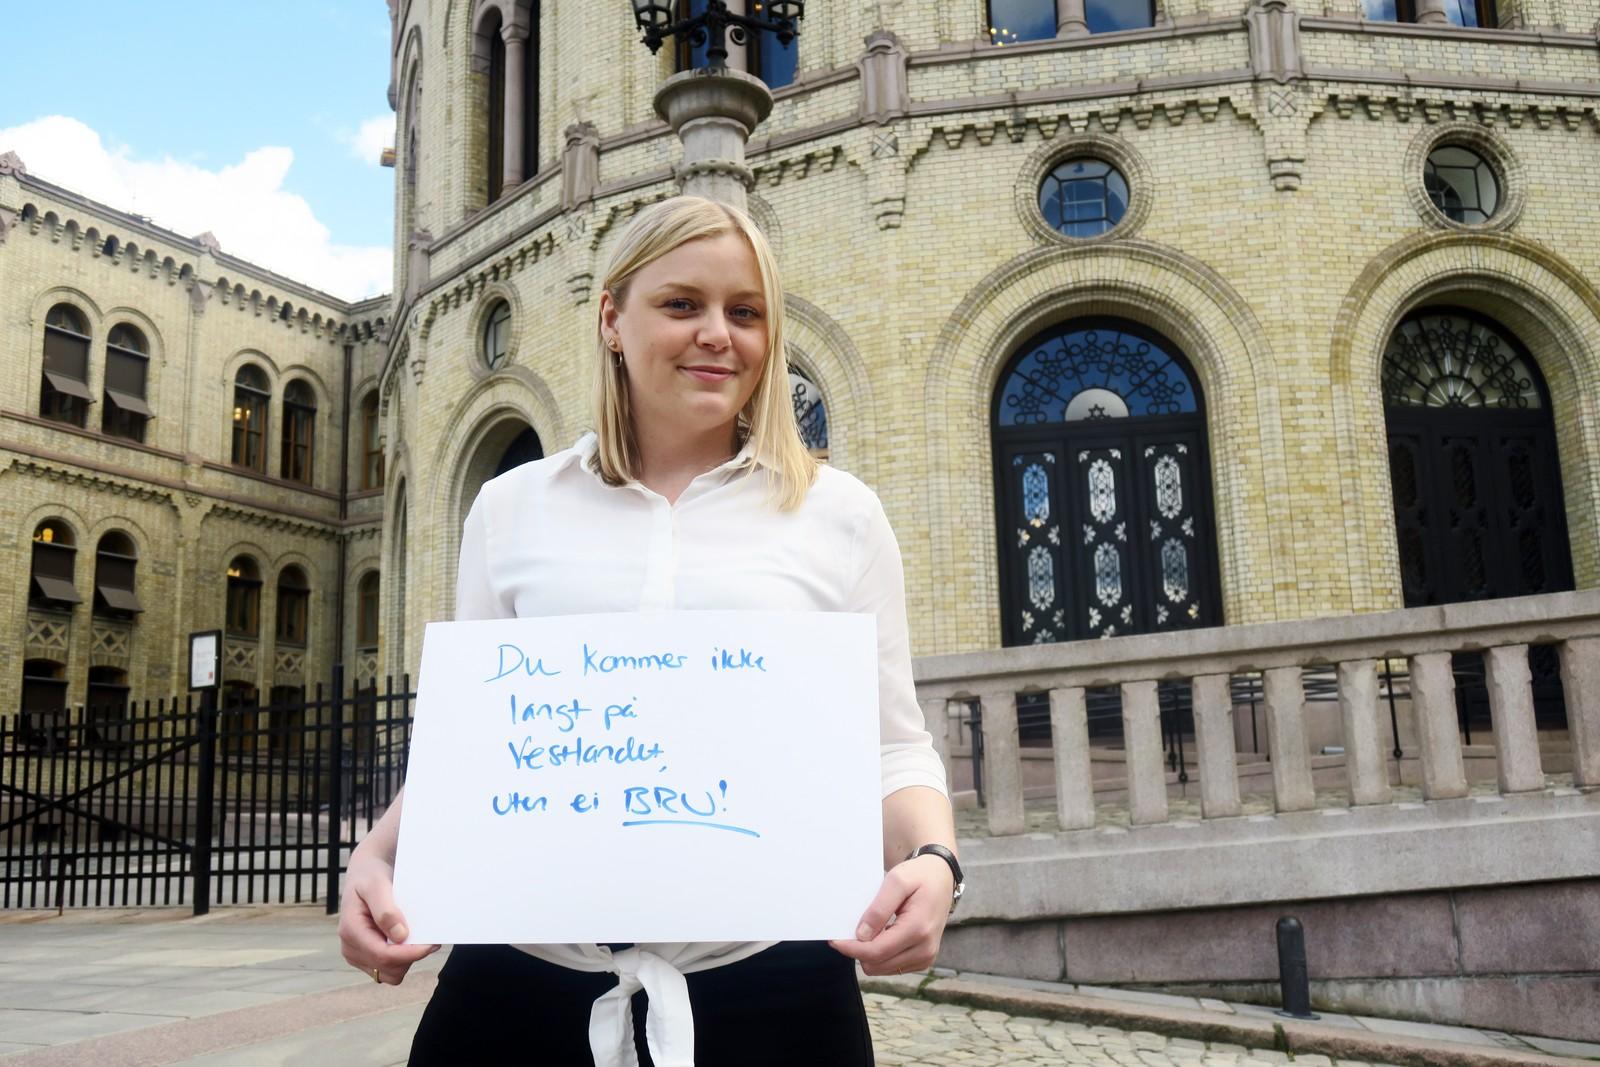 TINA BRU (H): «Du kommer ikke langt på Vestlandet uten ei Bru».